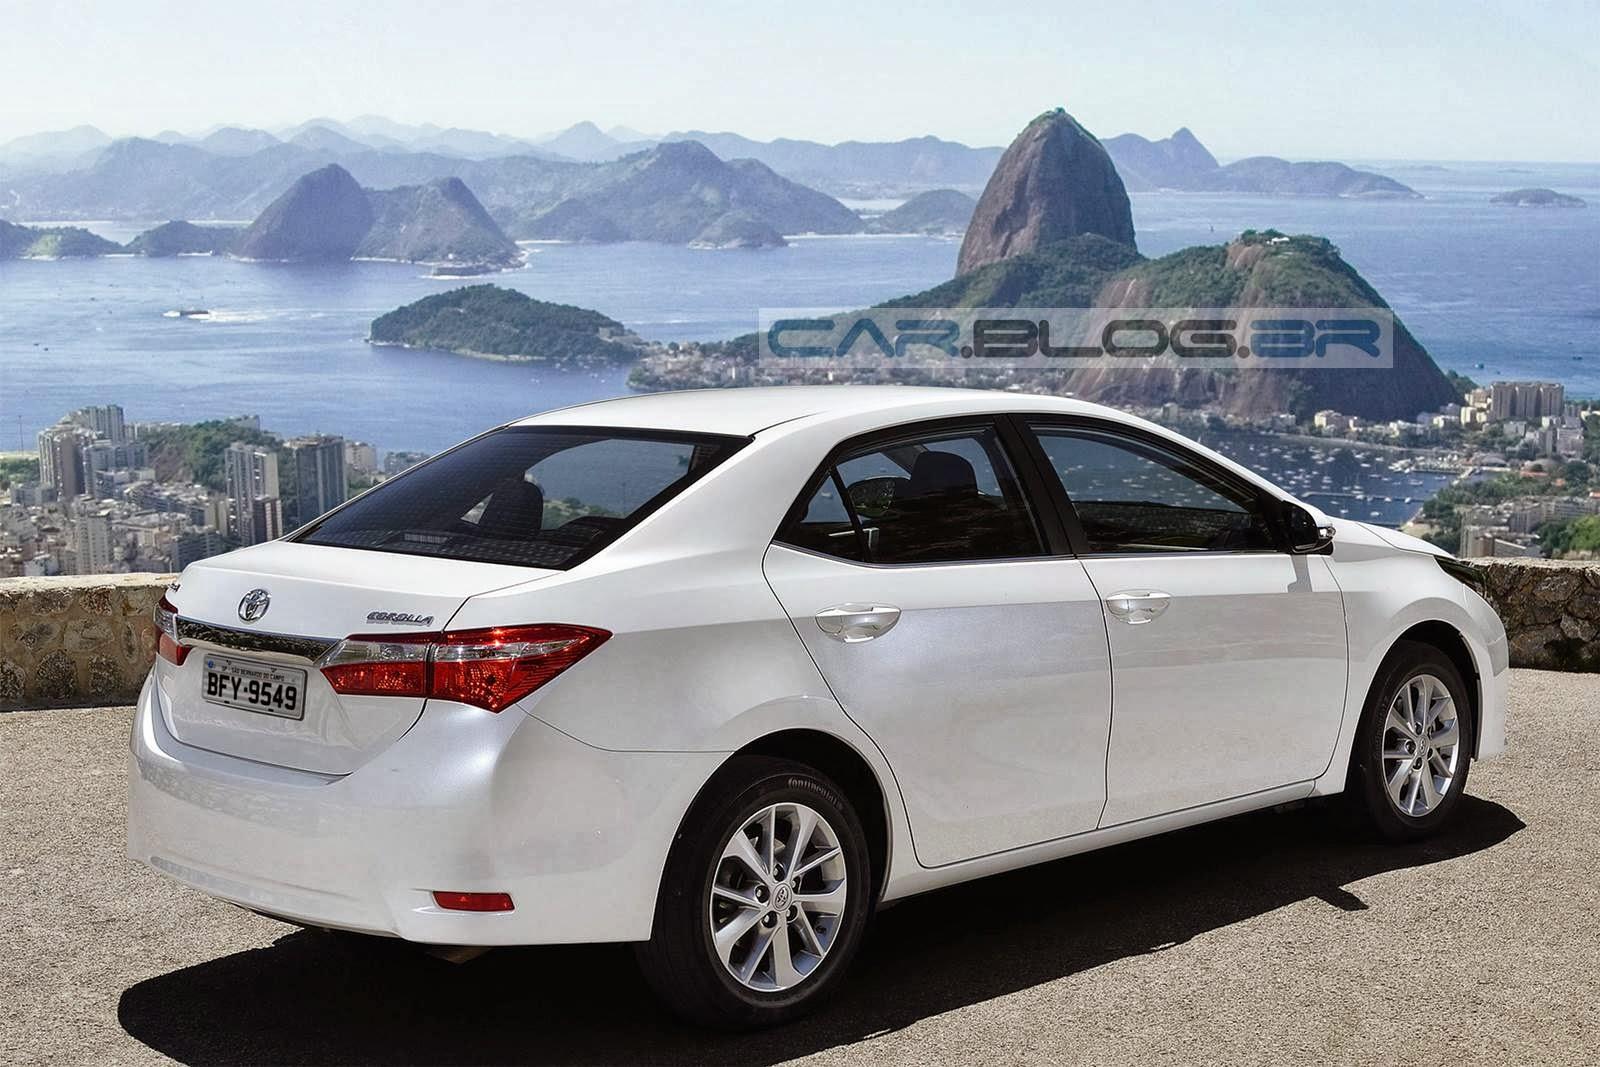 carro Corolla Toyota Brasil